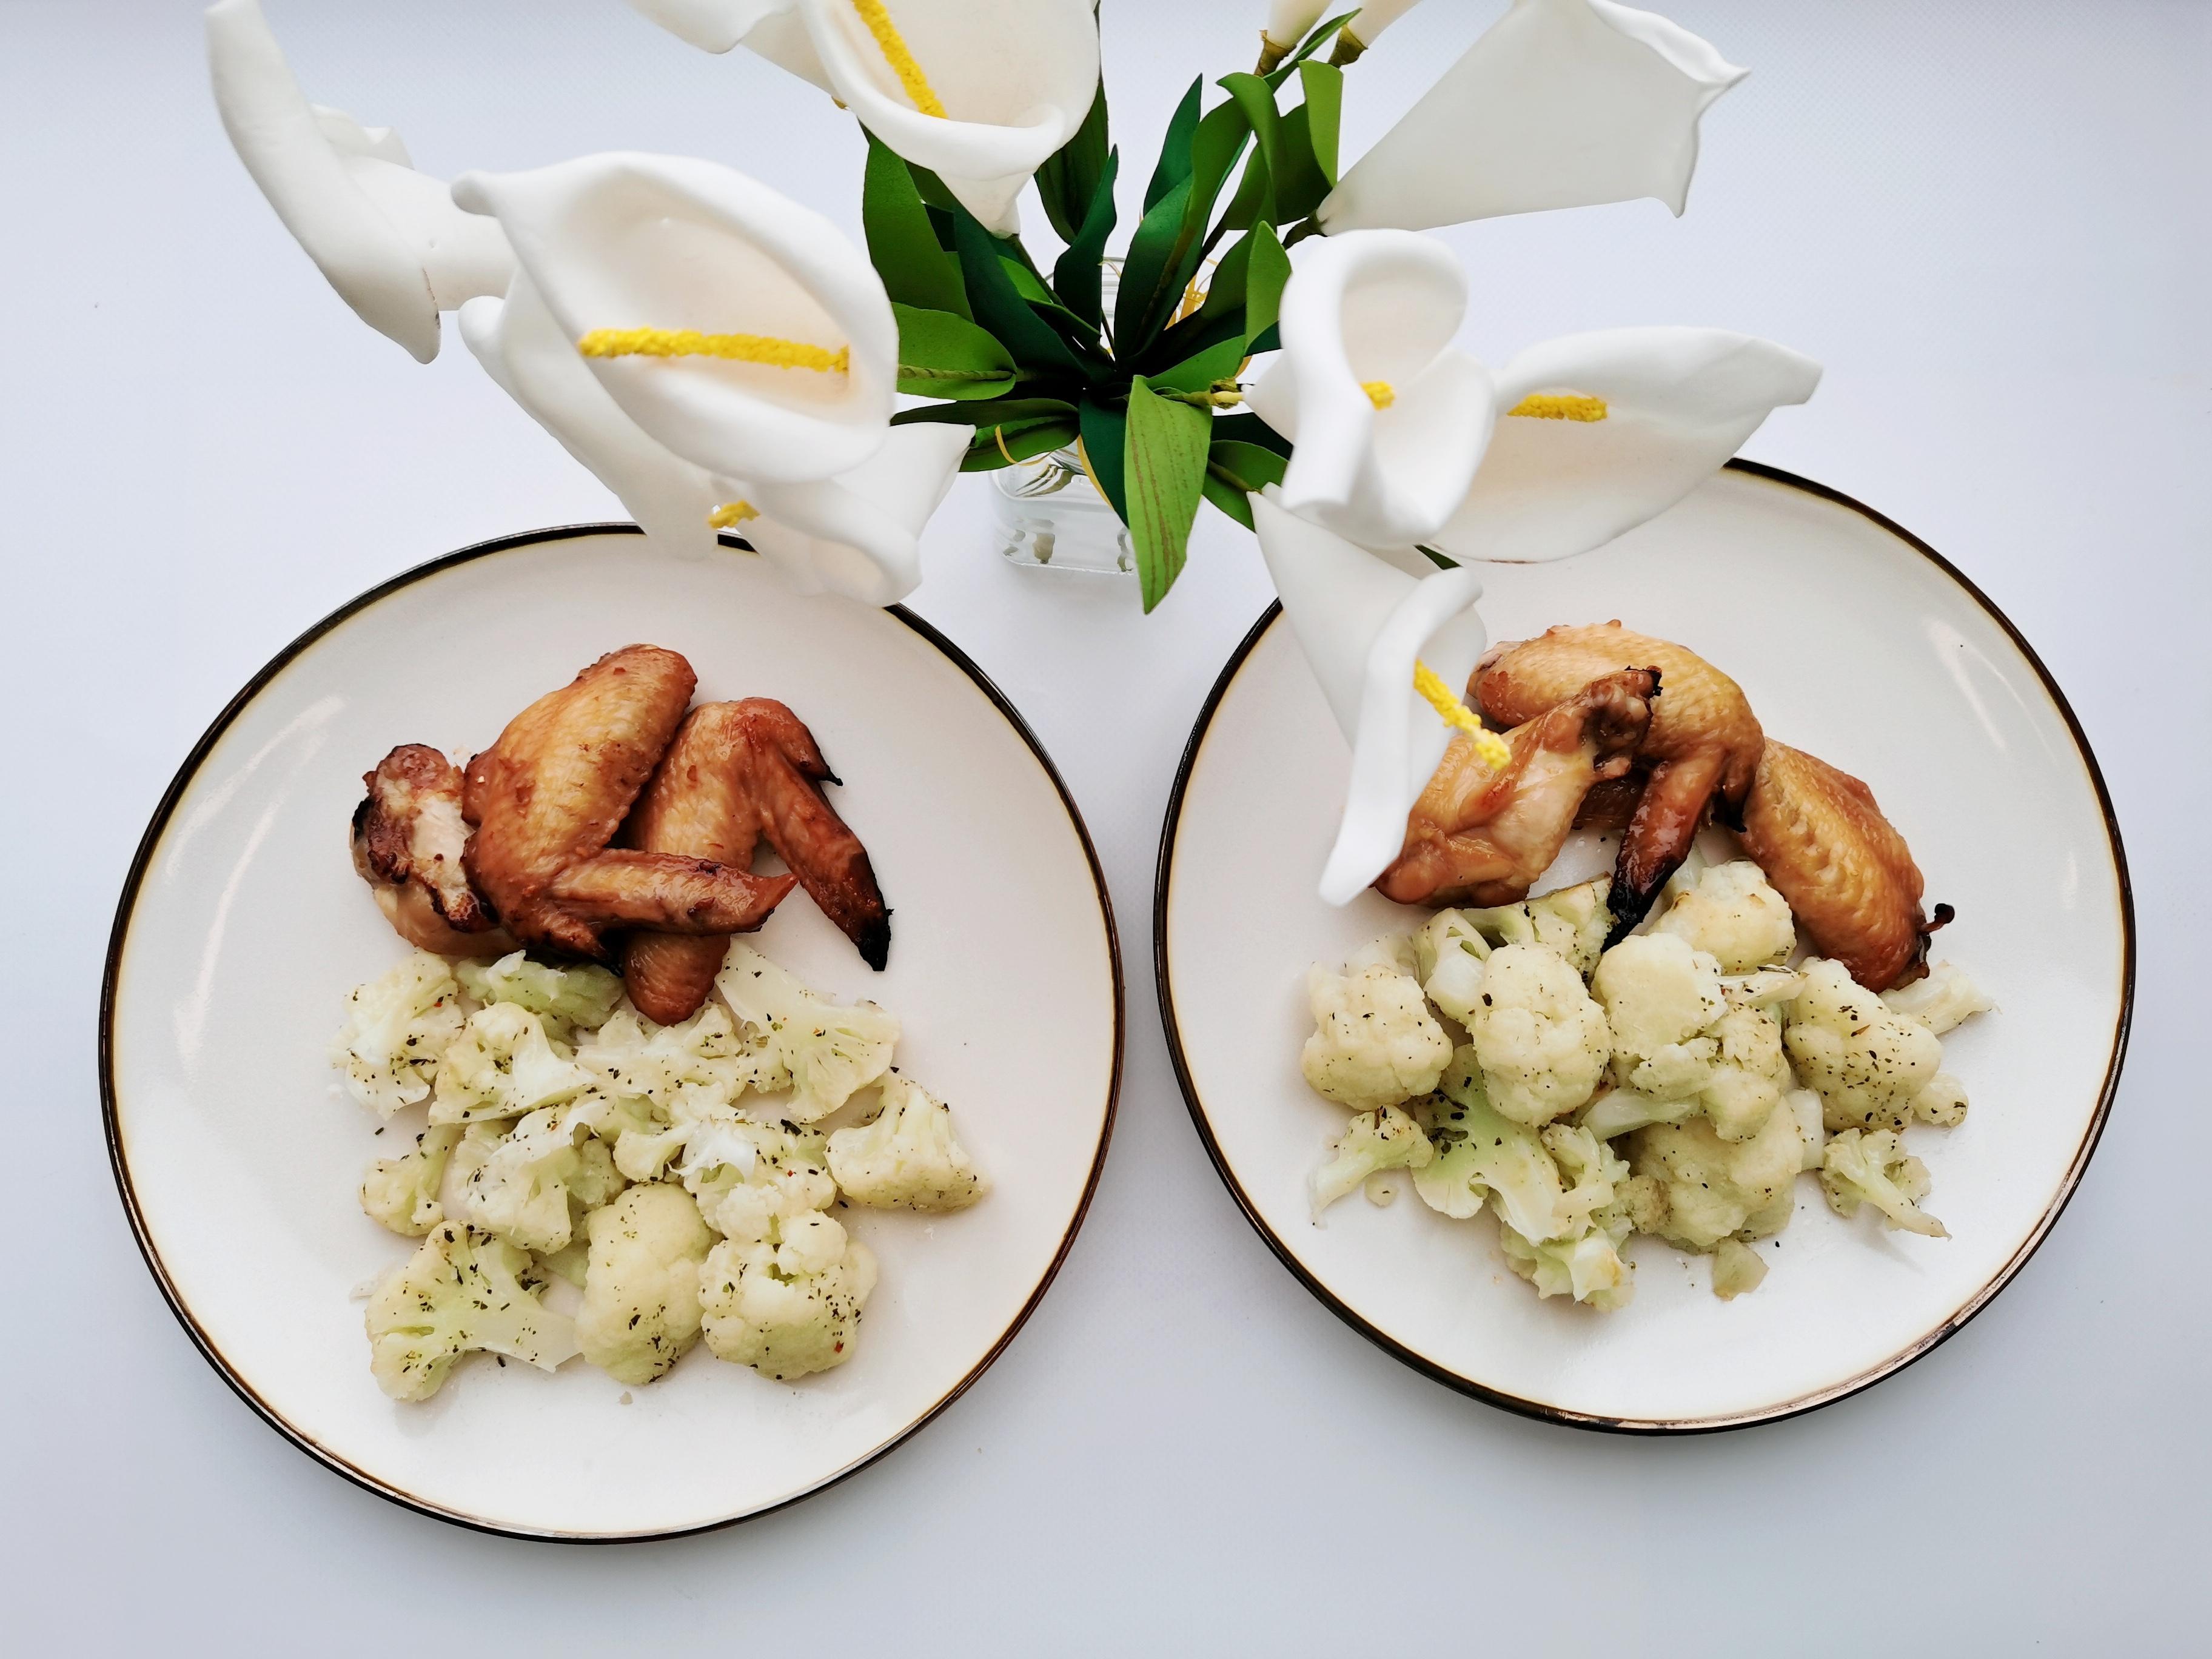 курица в маринаде с цветной капустой в луковом соусе